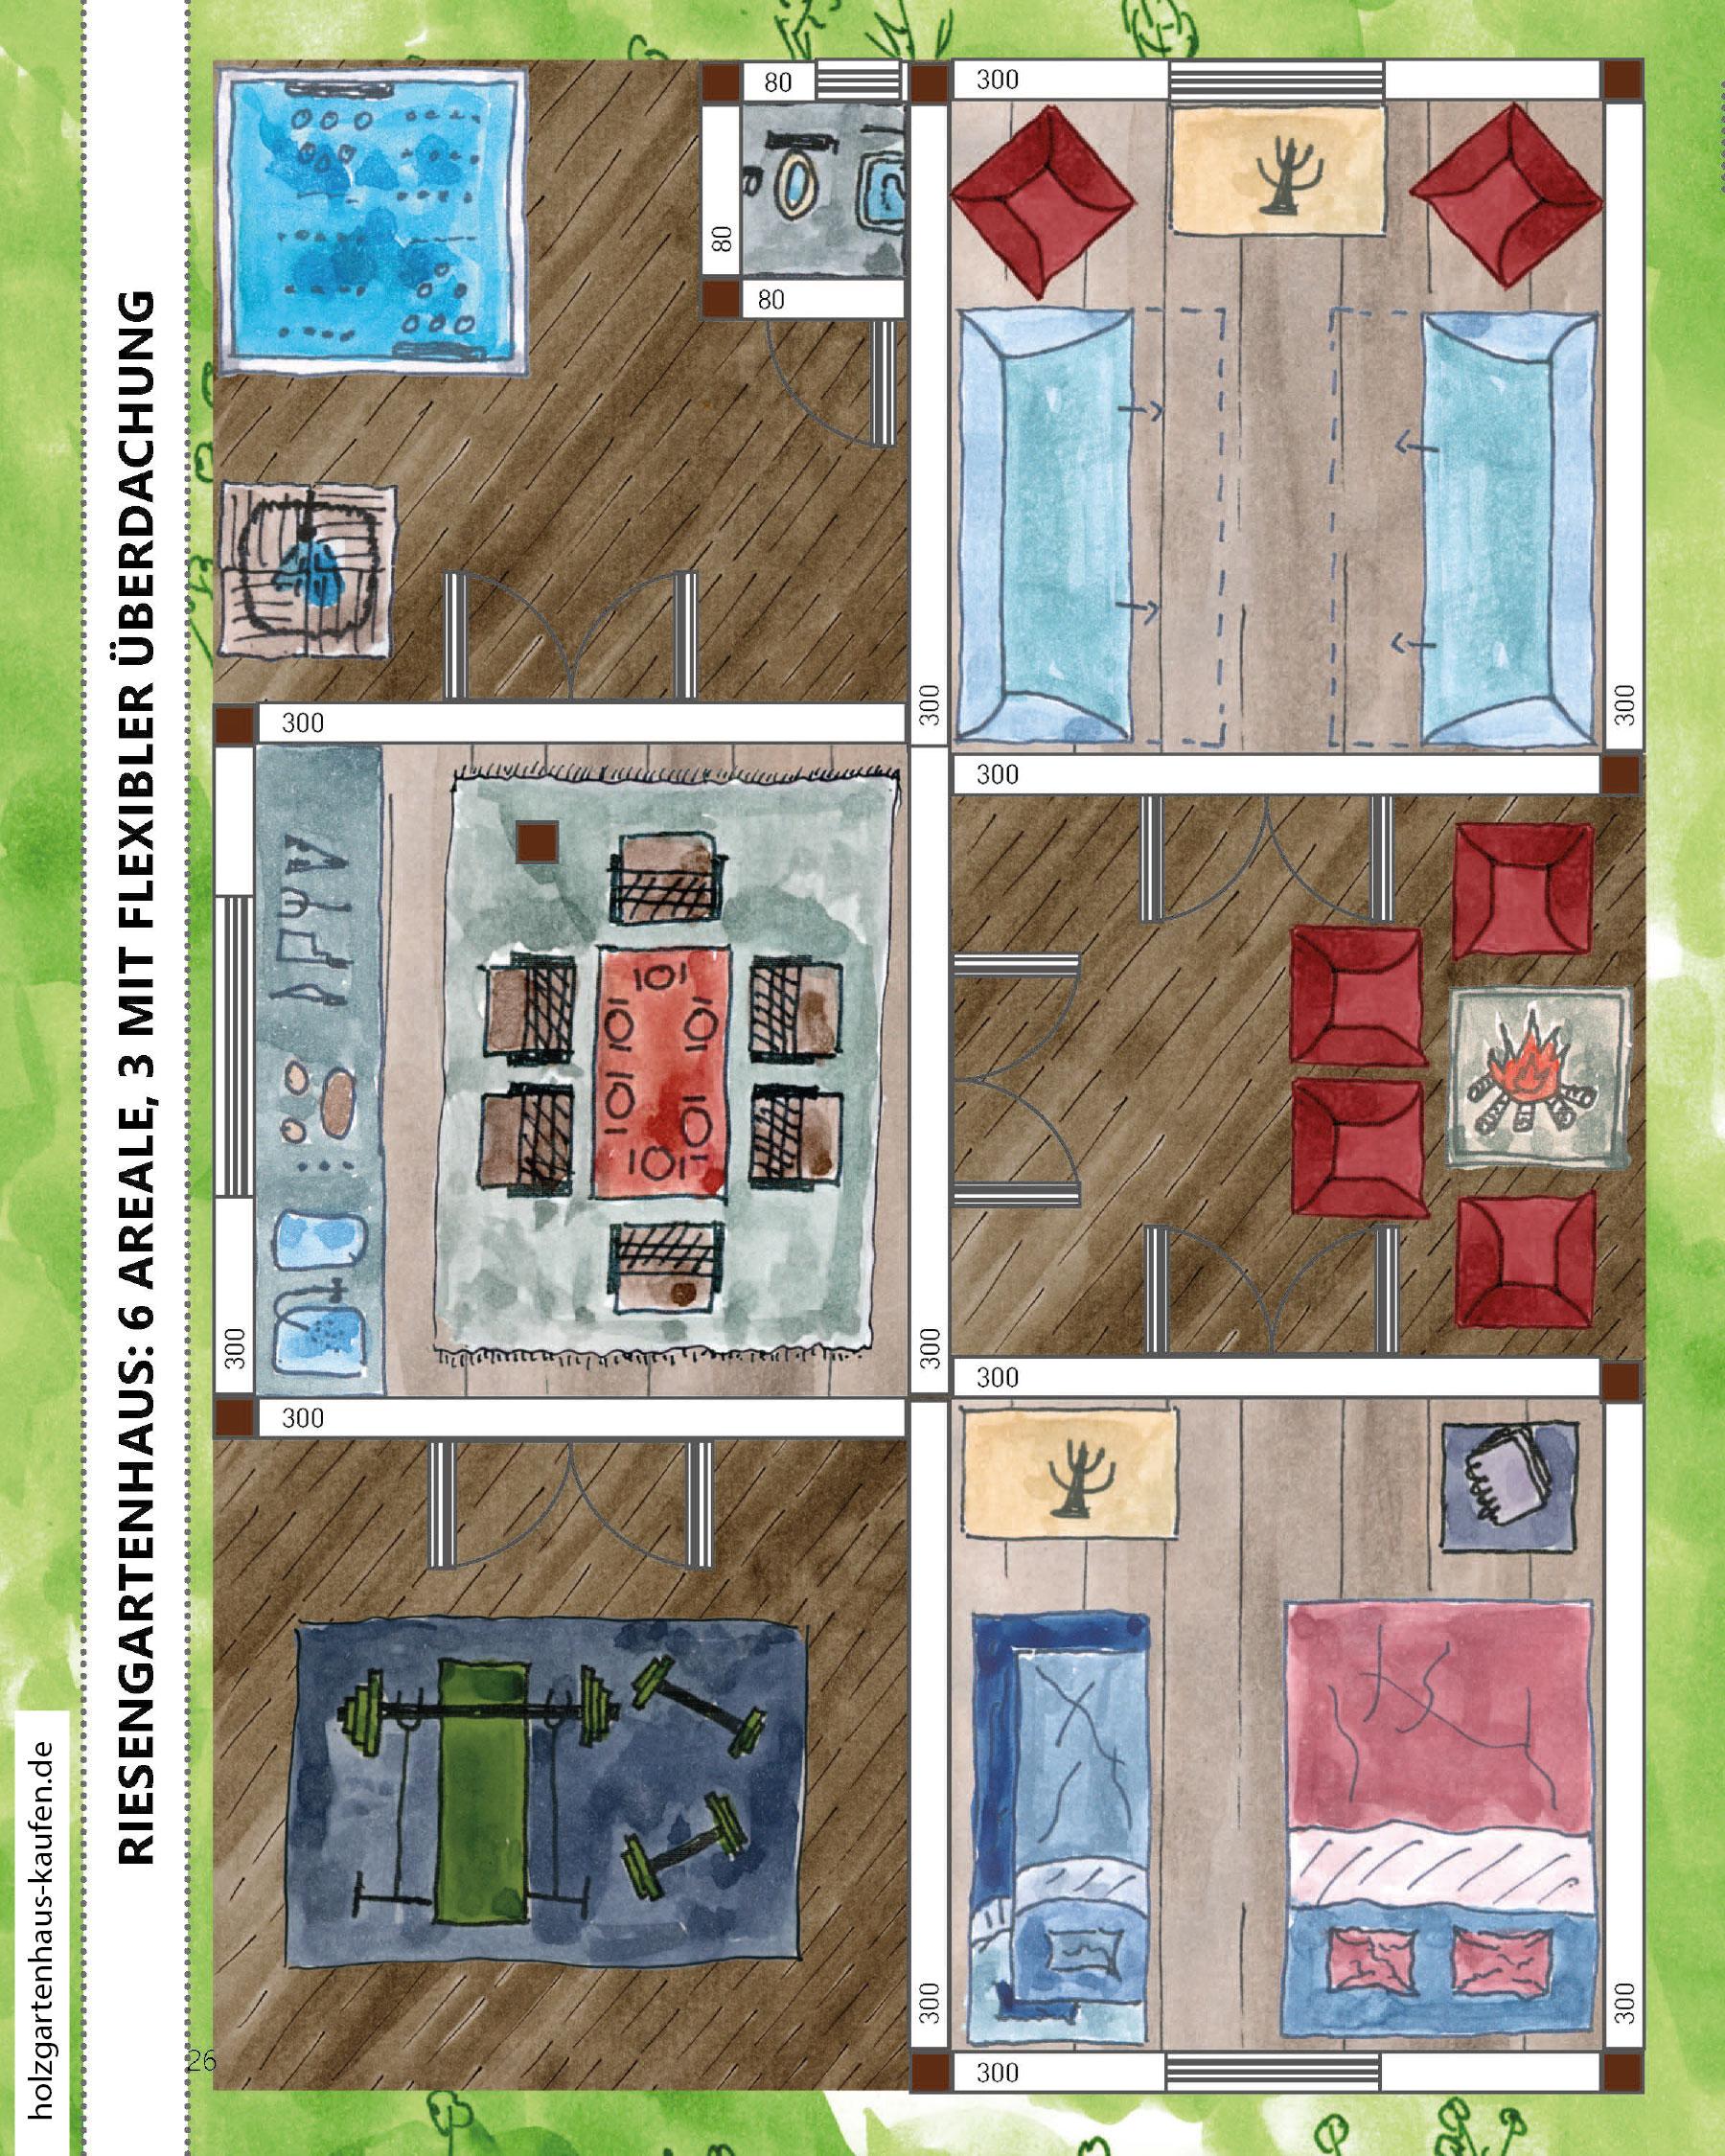 Riesengrosses Gartenhaus Planen 6 Raume 3 Mit Flexibler Uberdachung